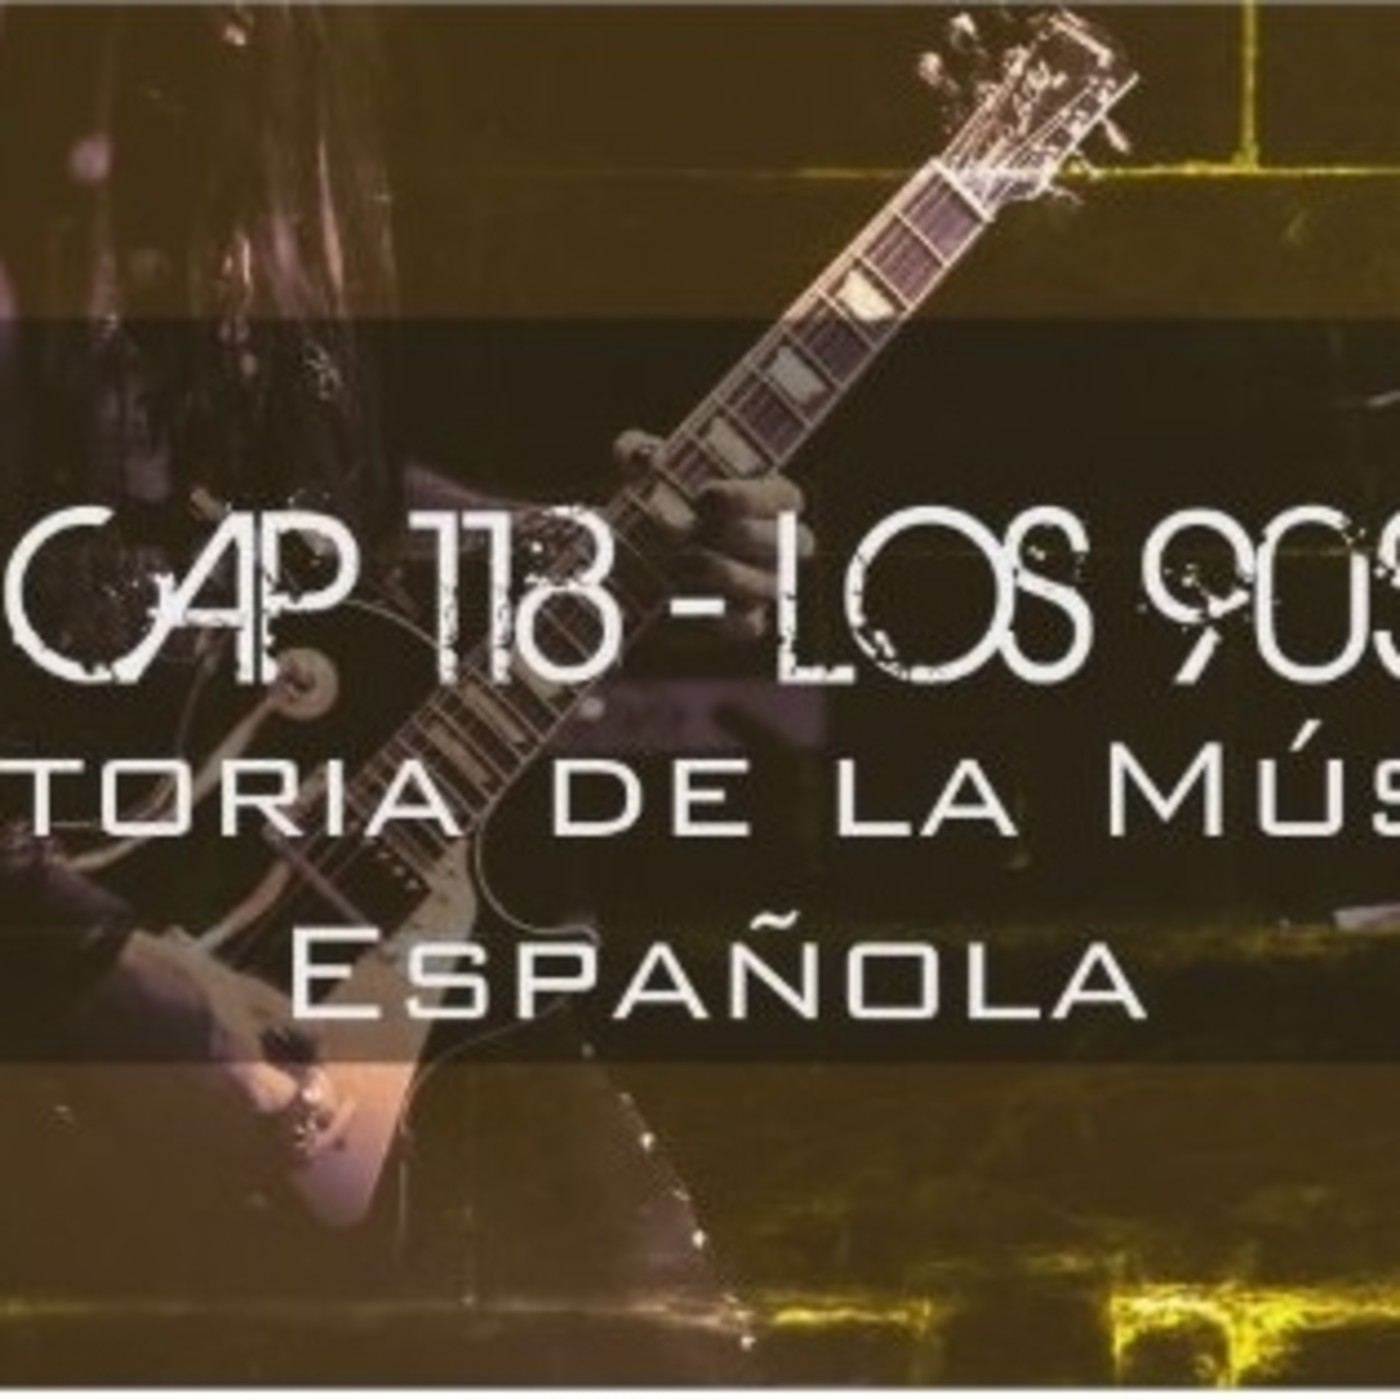 Programa 118 de Historia de la Música Española (Especial 90s)